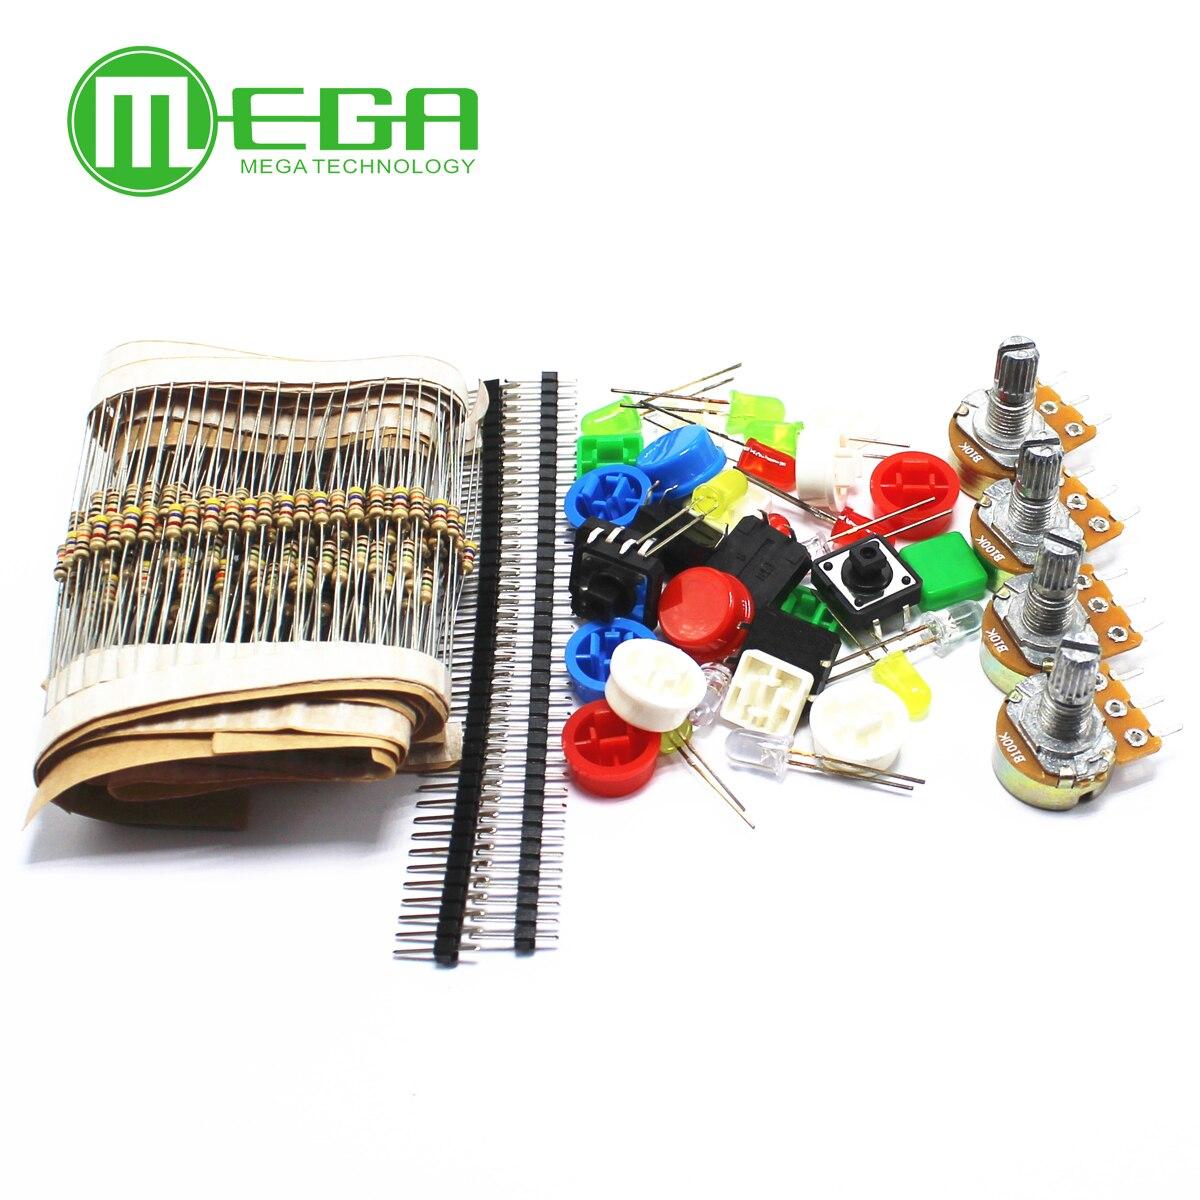 1lot-pieces-generiques-paquet-pratique-kit-de-resistance-portable-pour-font-b-arduino-b-font-kit-de-demarrage-uno-r3-led-potentiometre-tact-interrupteur-broche-en-tete